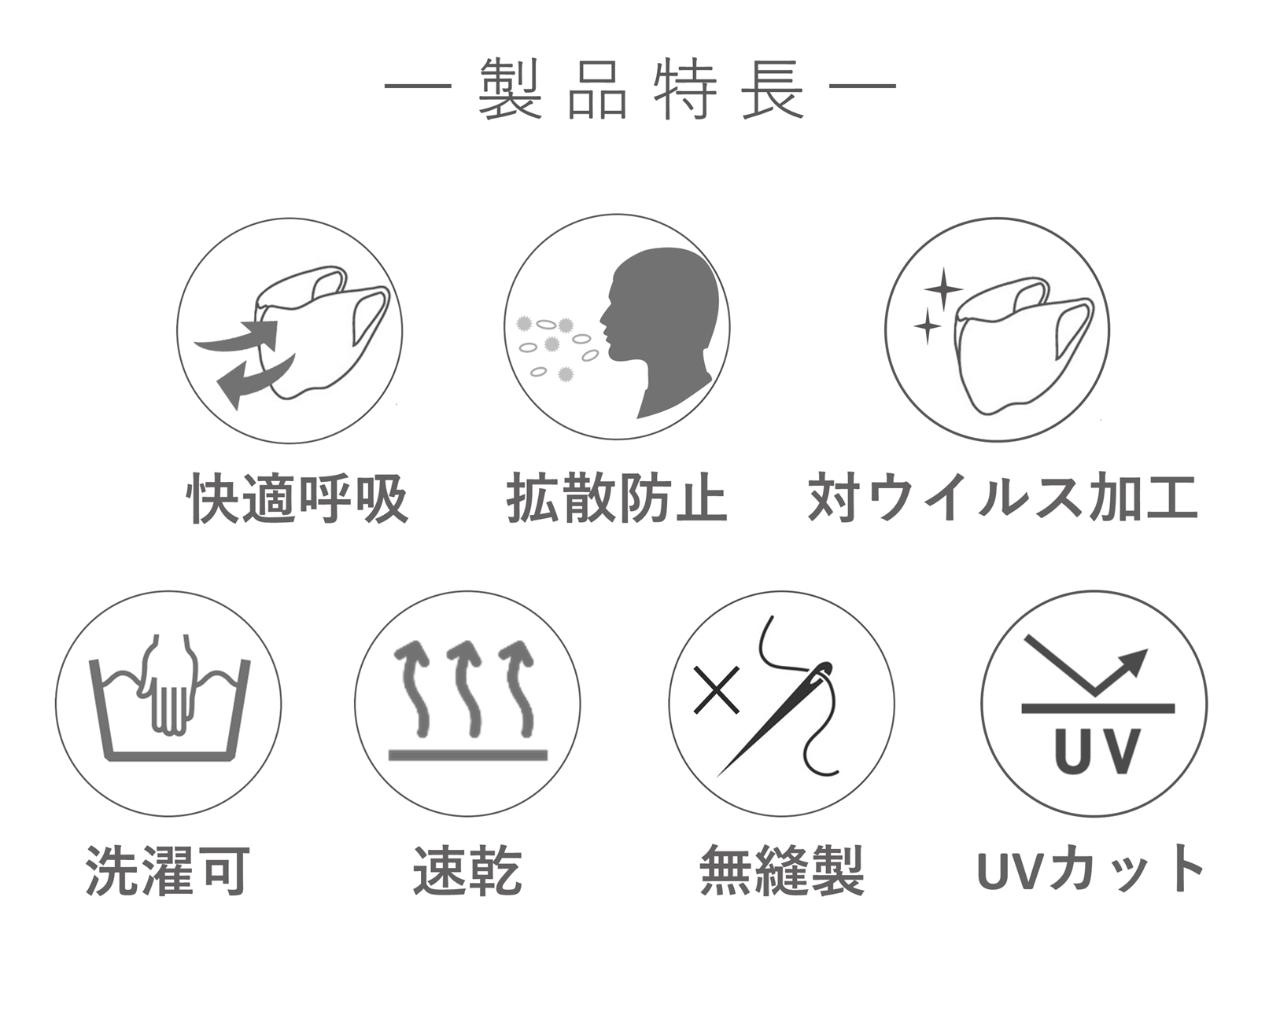 快適呼吸 拡散防止 対ウイルス加工 洗濯可 速乾 無縫製 UVカット